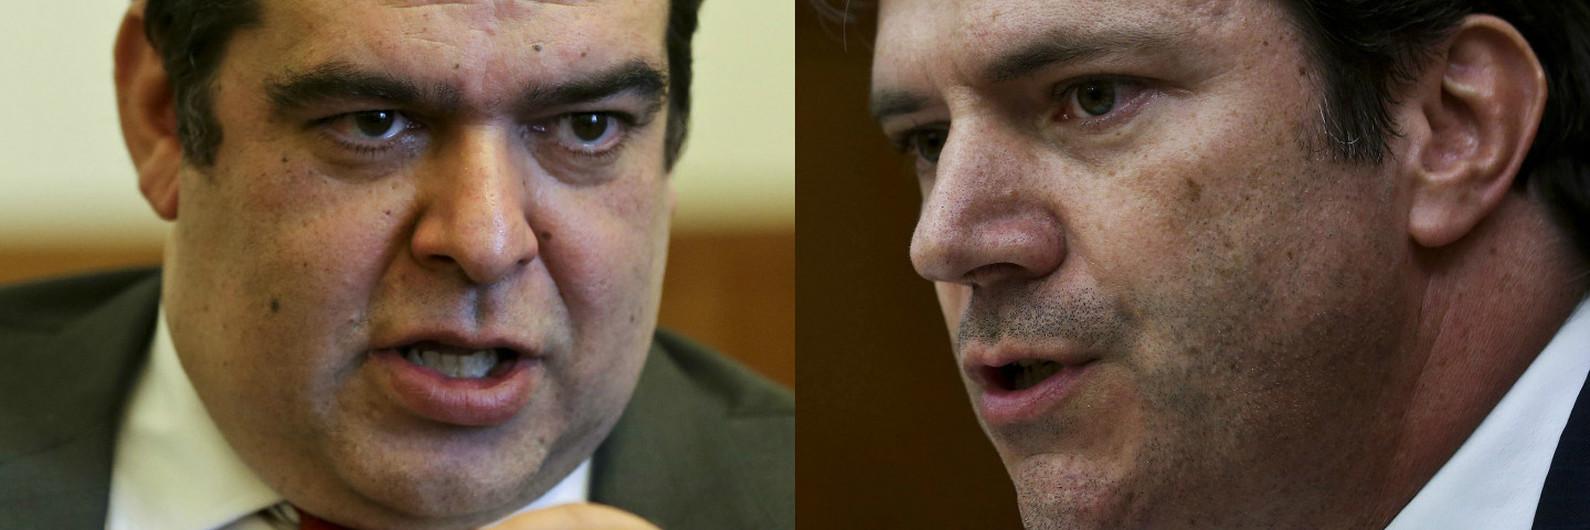 Rocha Andrade e Paulo Núncio ouvidos sobre 'offshore' no parlamento dia 1 de março